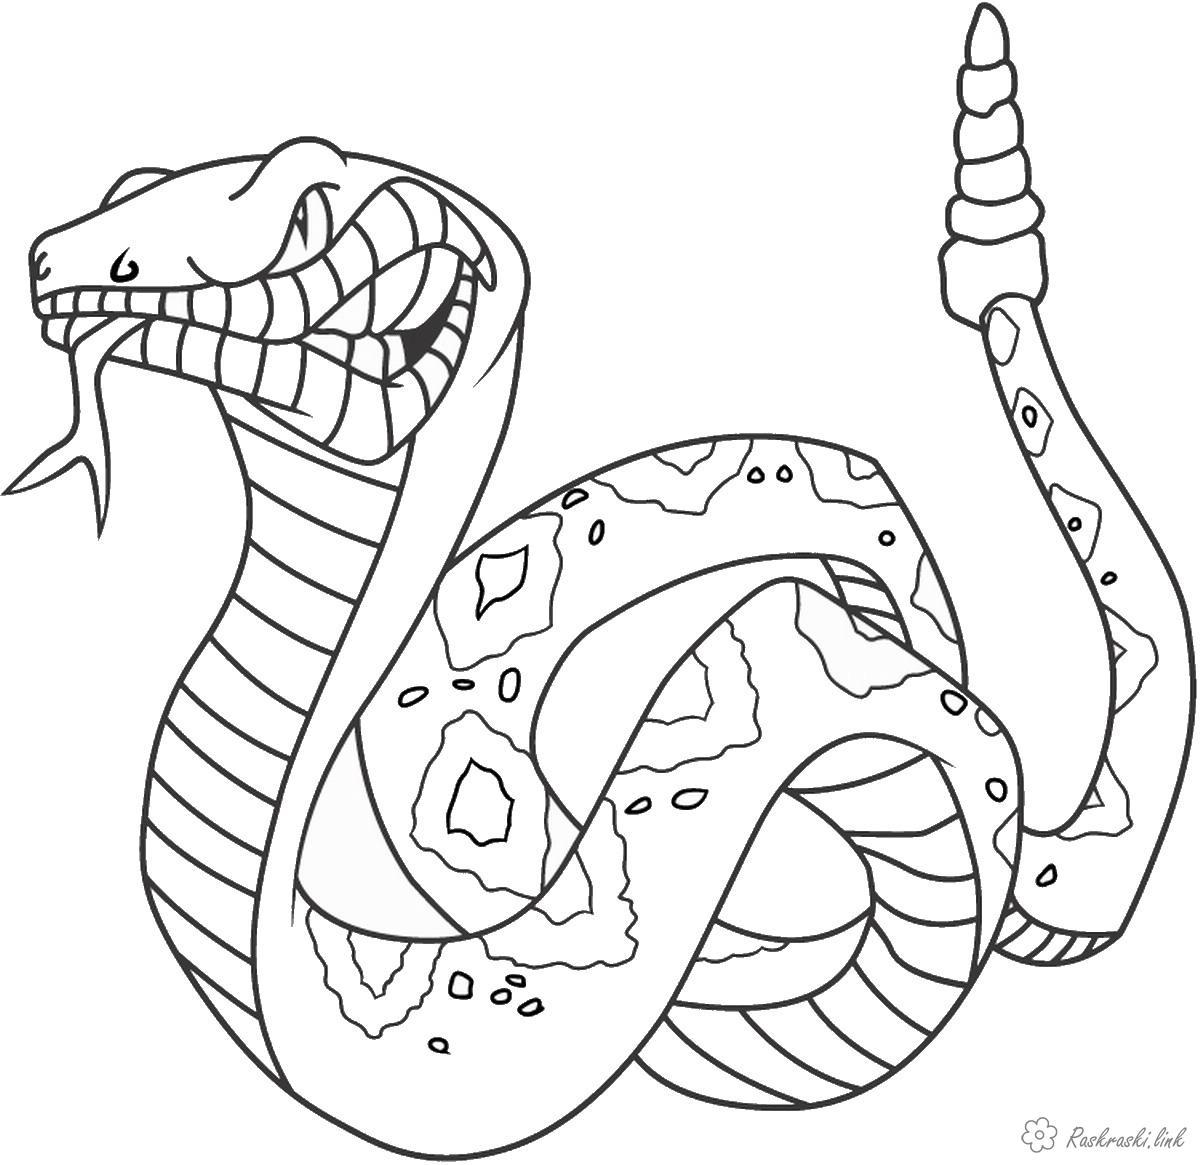 Розмальовки велика розмальовки для дітей, злюща змія, рептилії